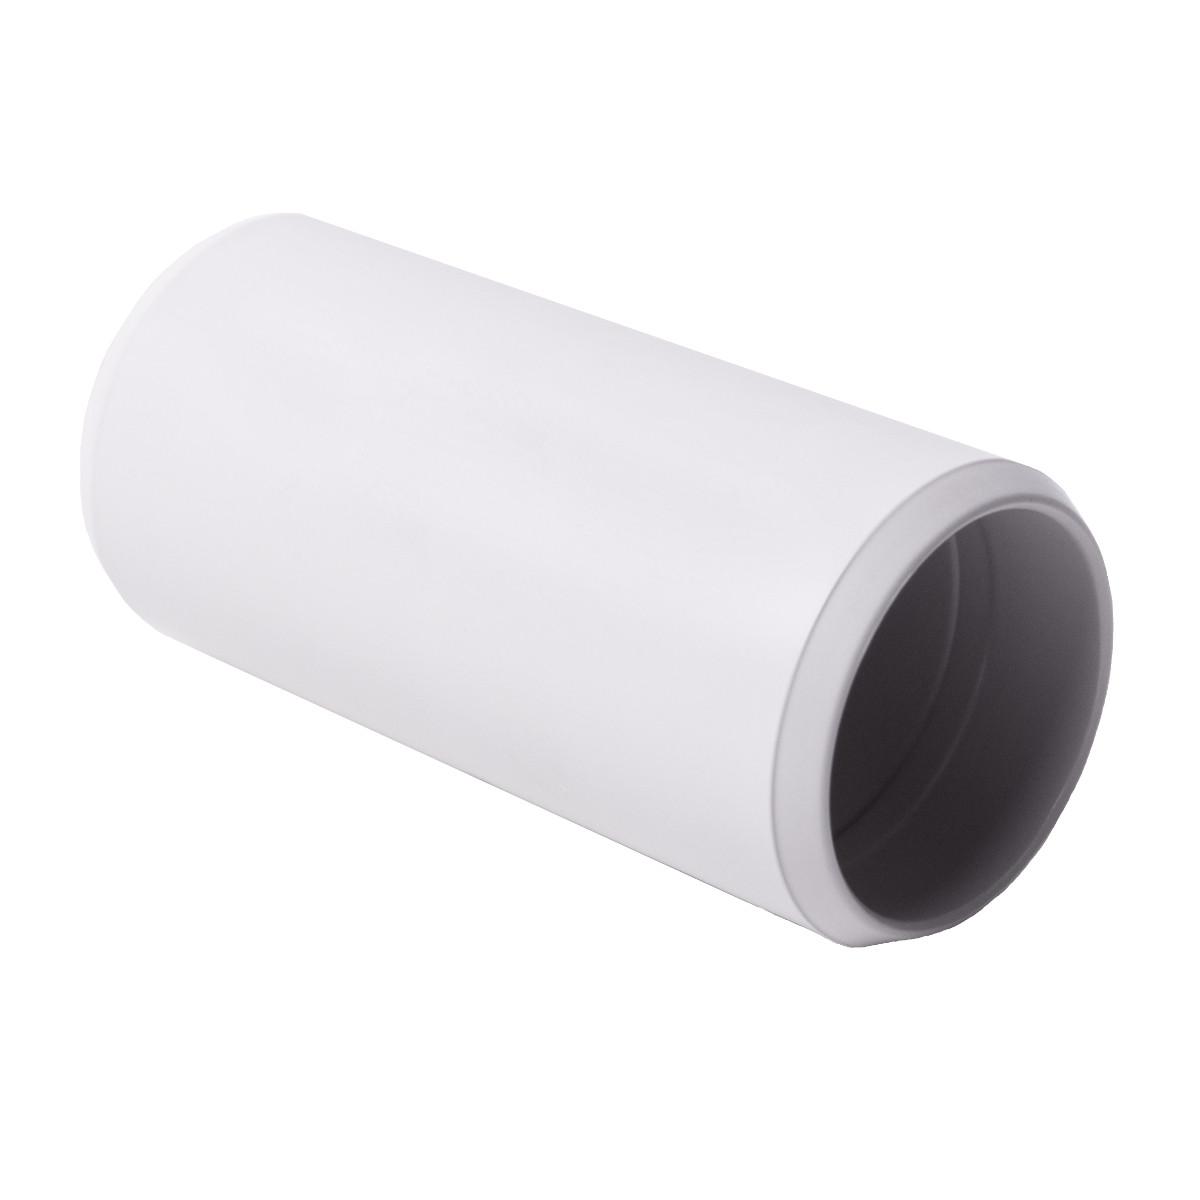 Муфта з'єднувальна для труби 32 мм; Ø32мм; полікарбонат; безгалогенна; t застосування -45-90 °с; світло-сіра; Упаковка 10 шт